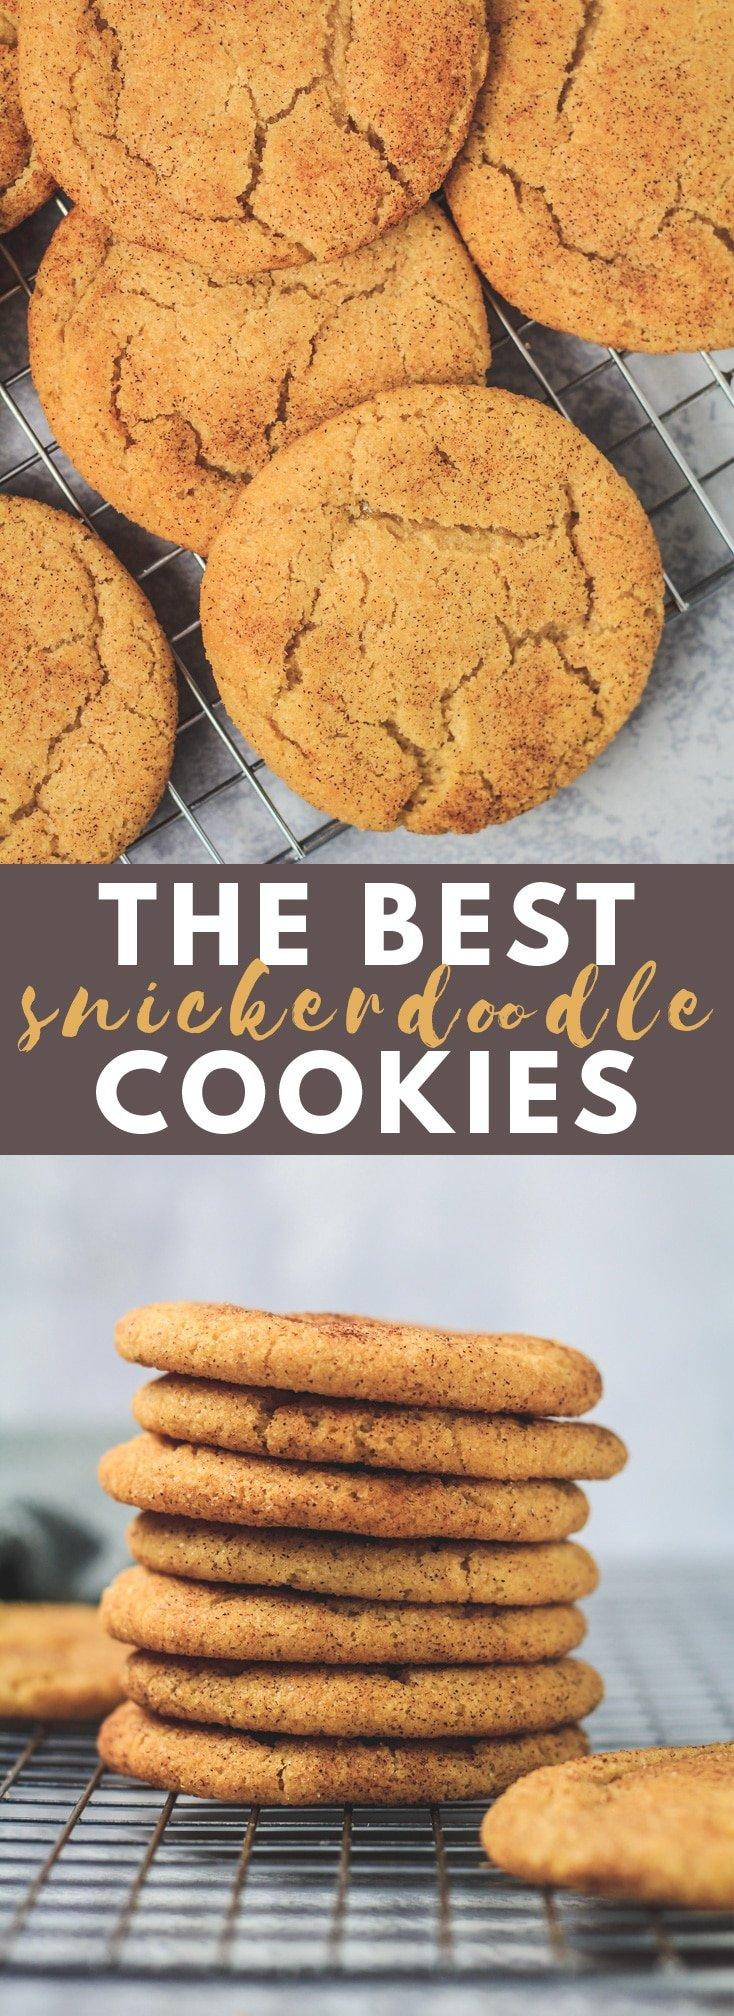 The BEST Snickerdoodles